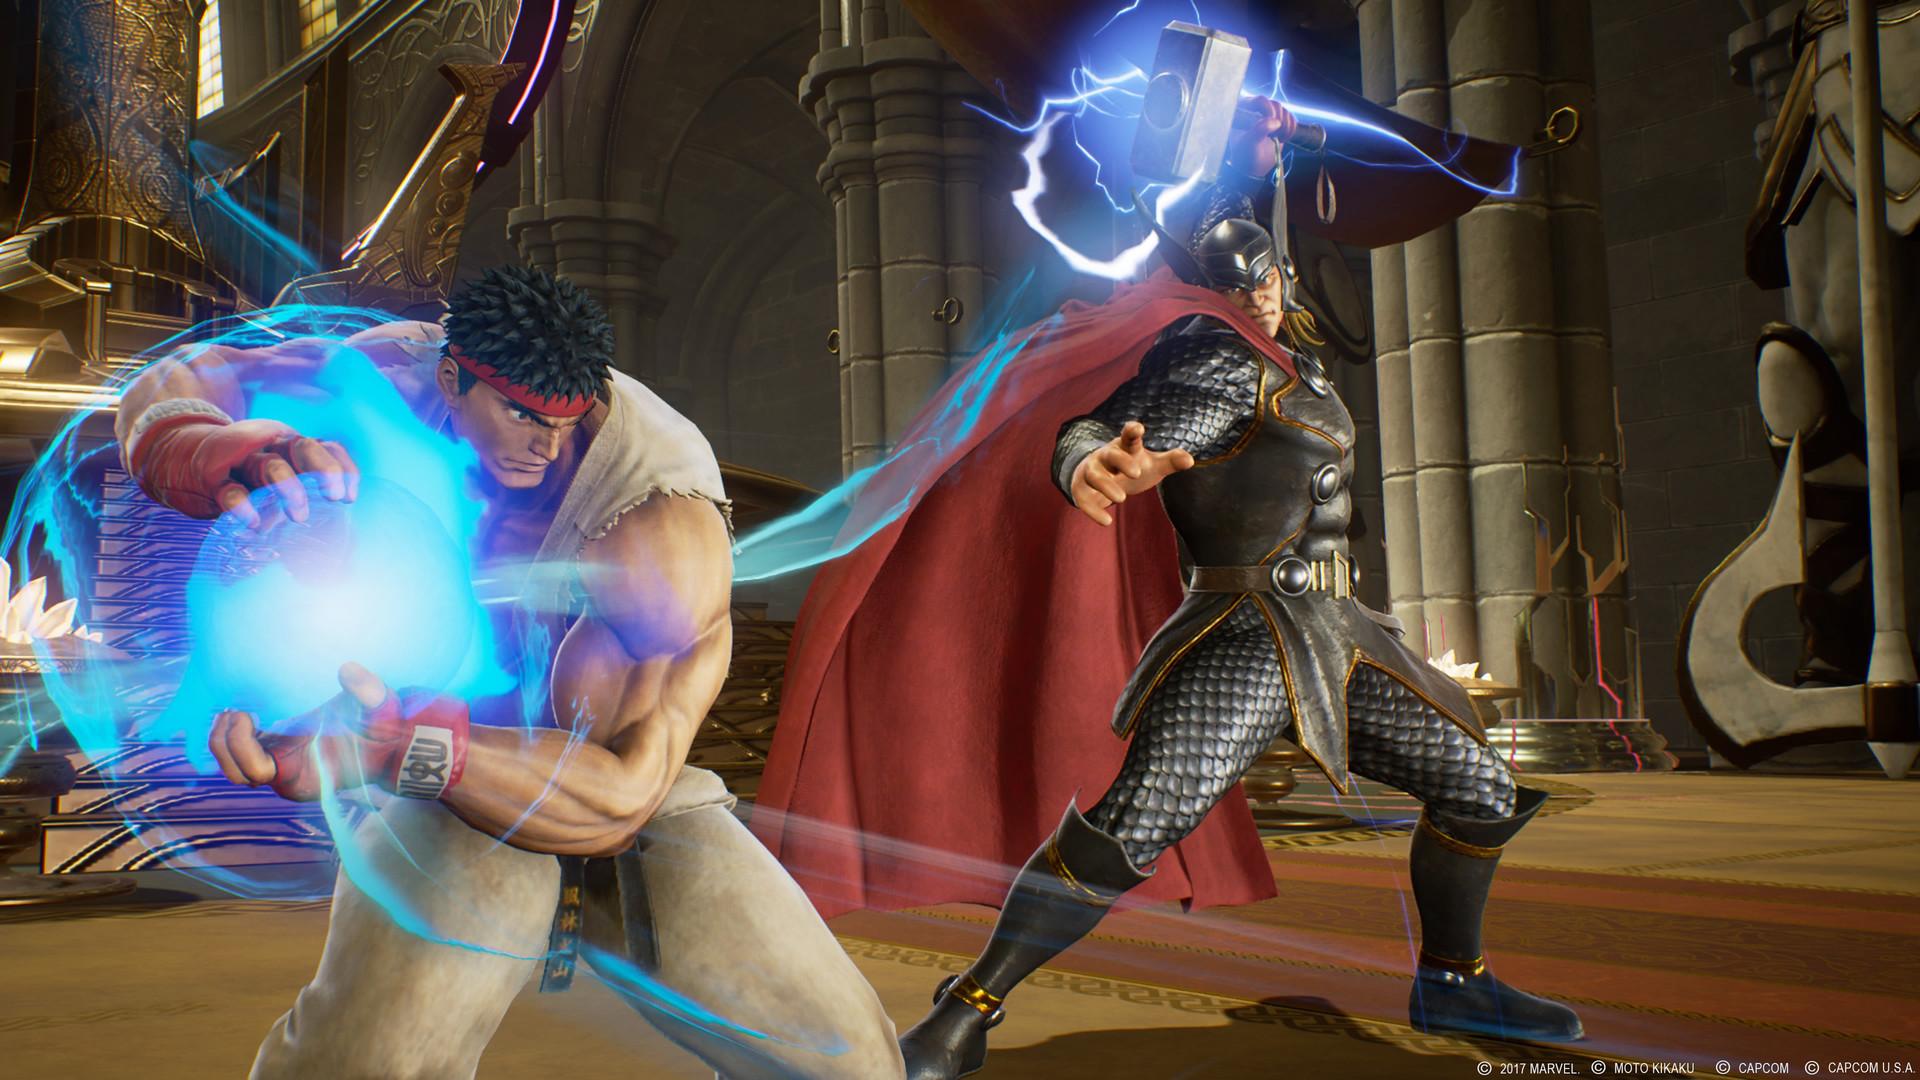 漫画英雄VS卡普空:无限/Marvel vs. Capcom Infinite插图6